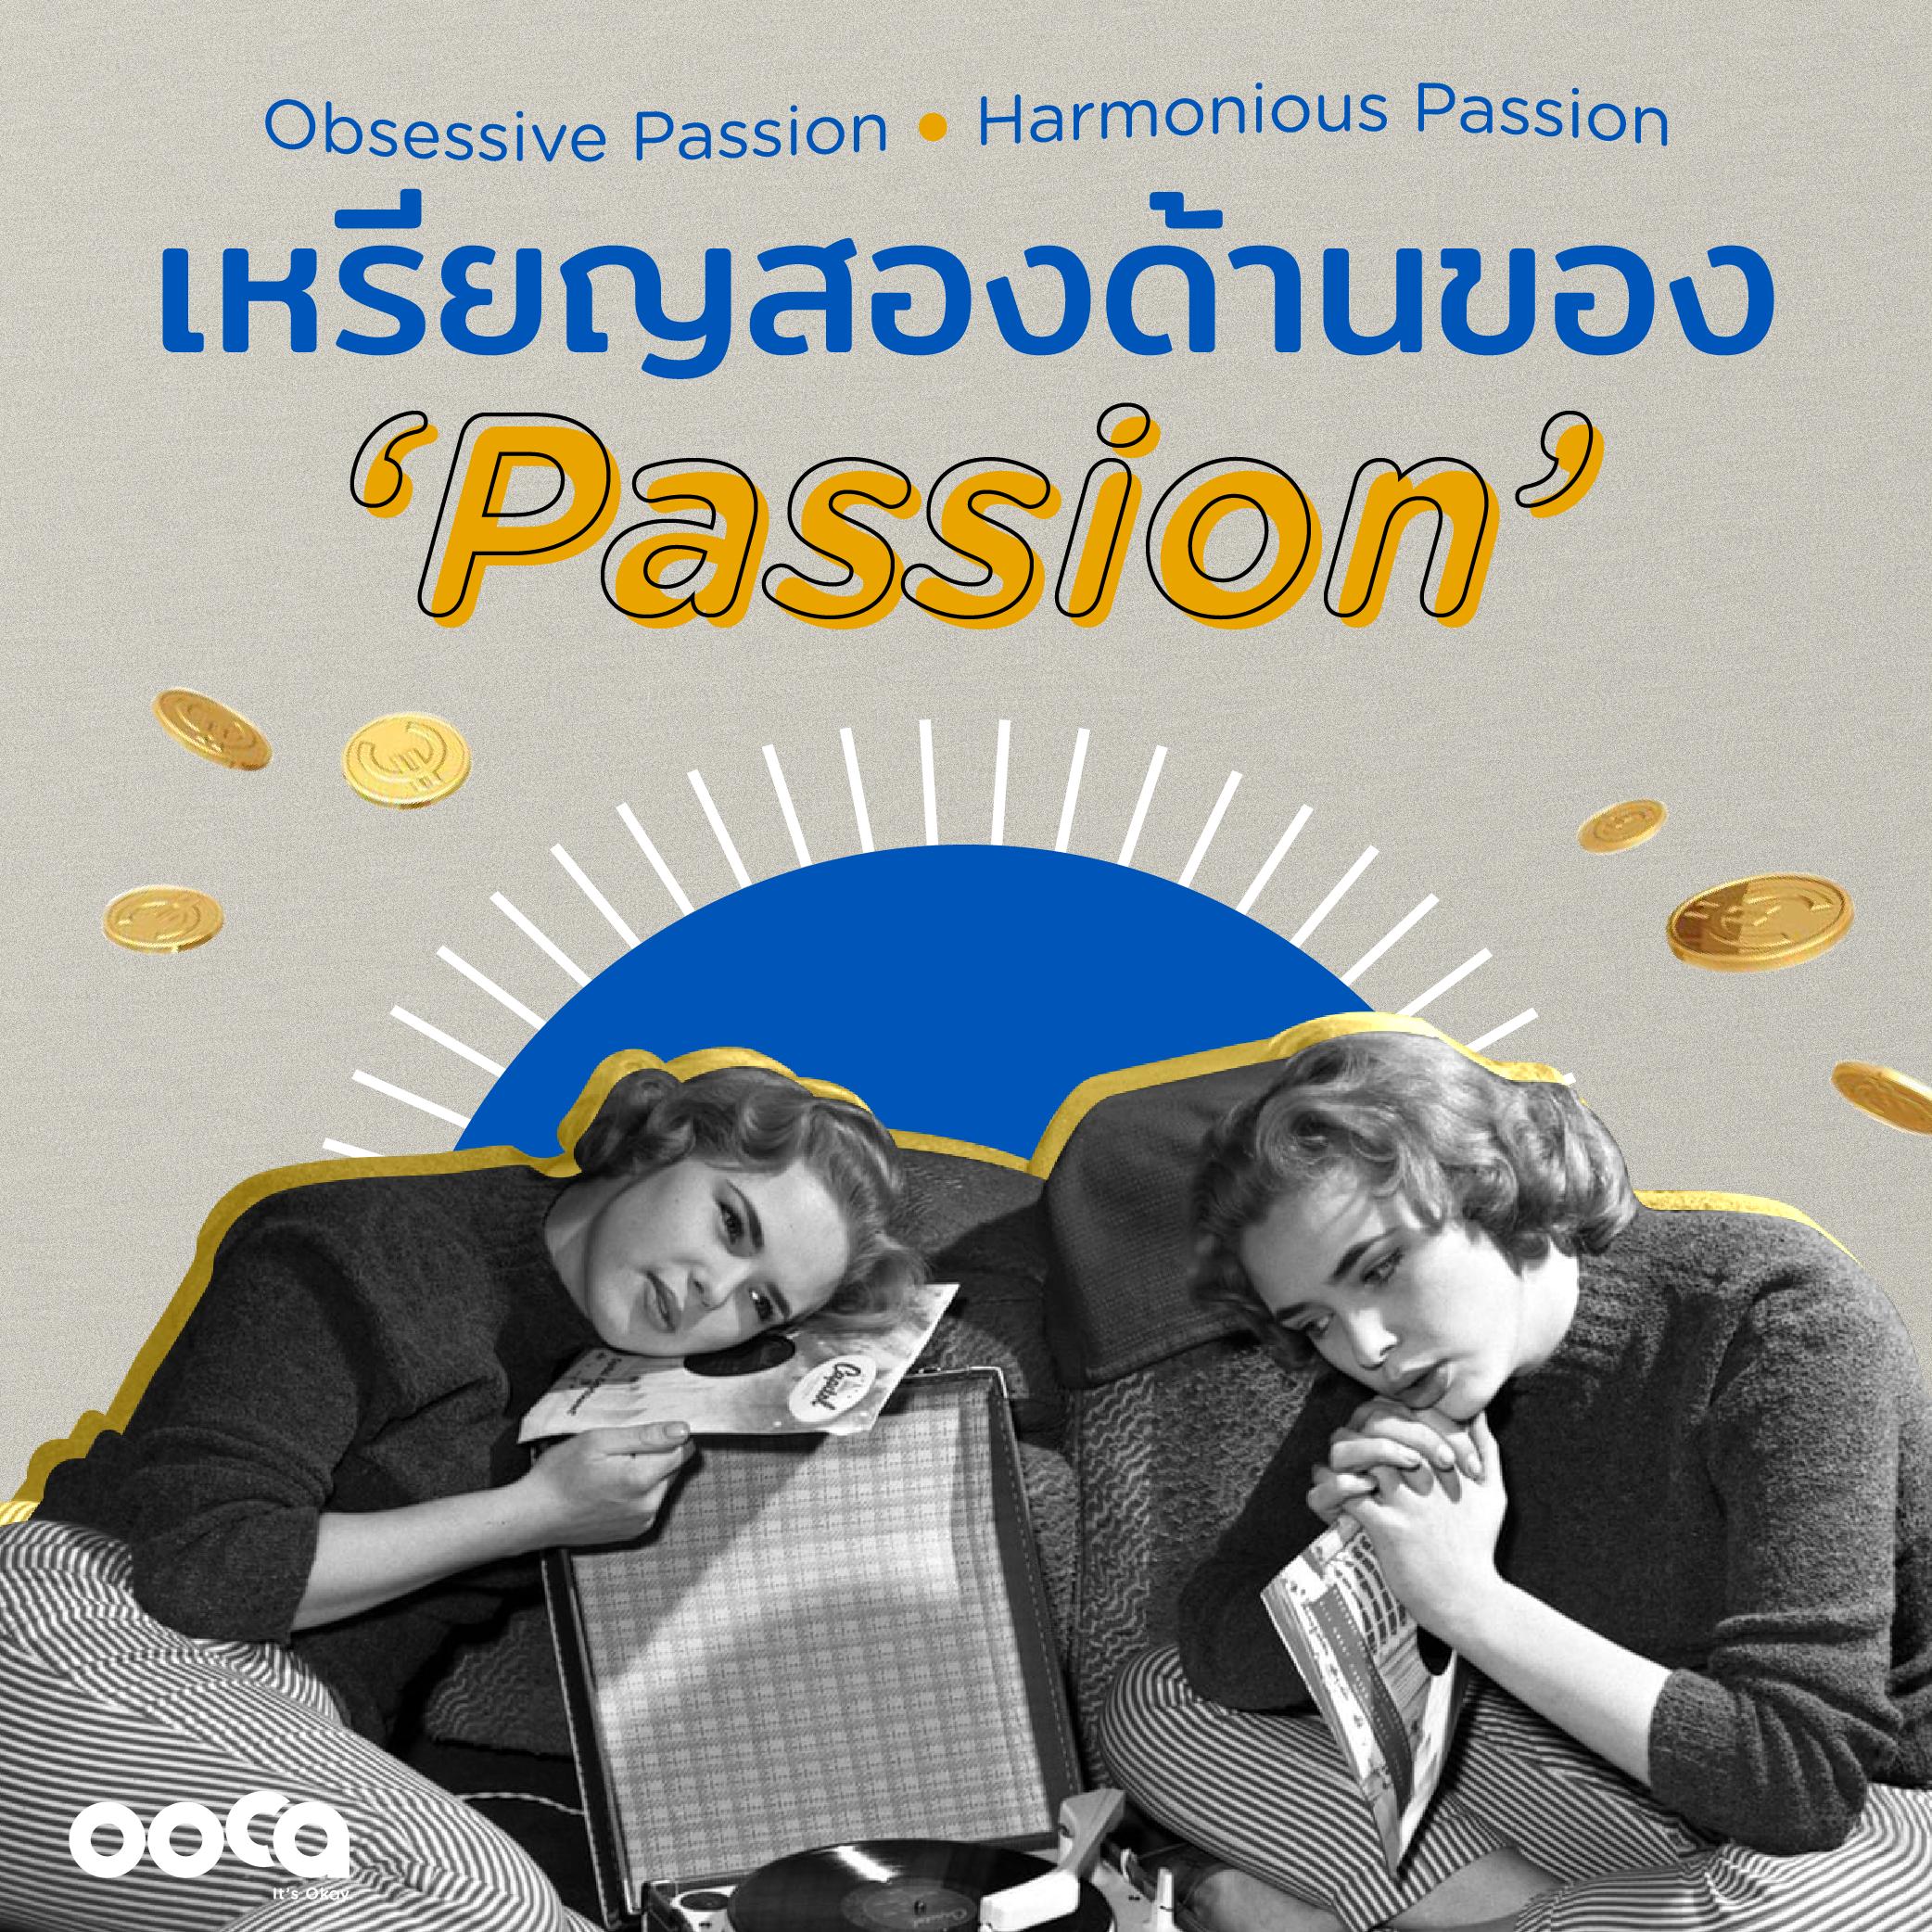 เหรียญสองด้านของ passion